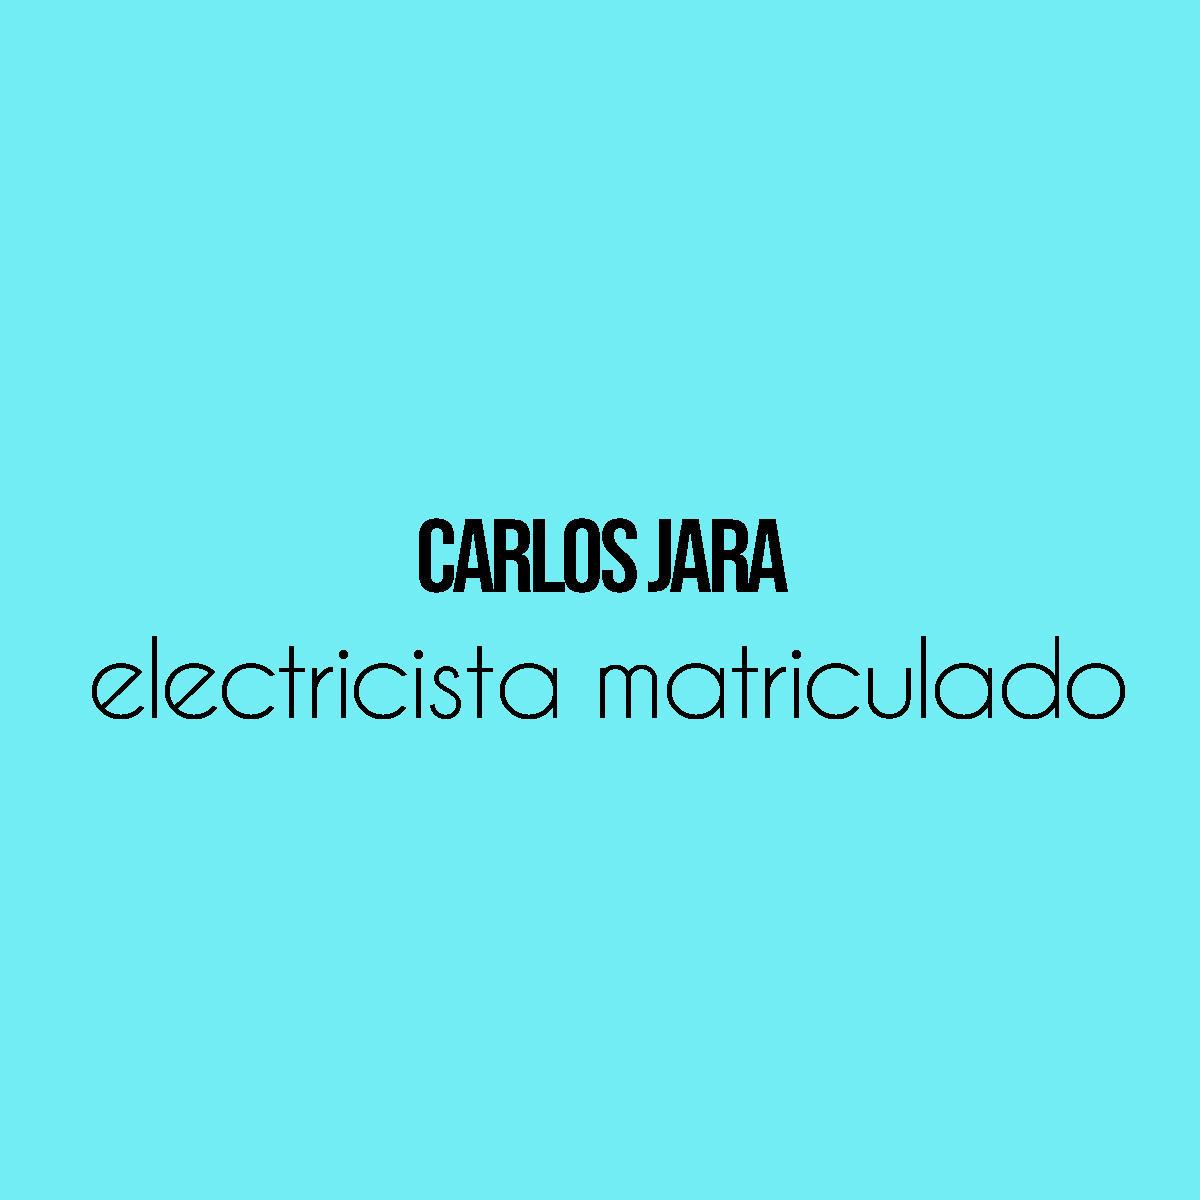 CARLOS JARA - ELECTRICISTA MATRICULADO